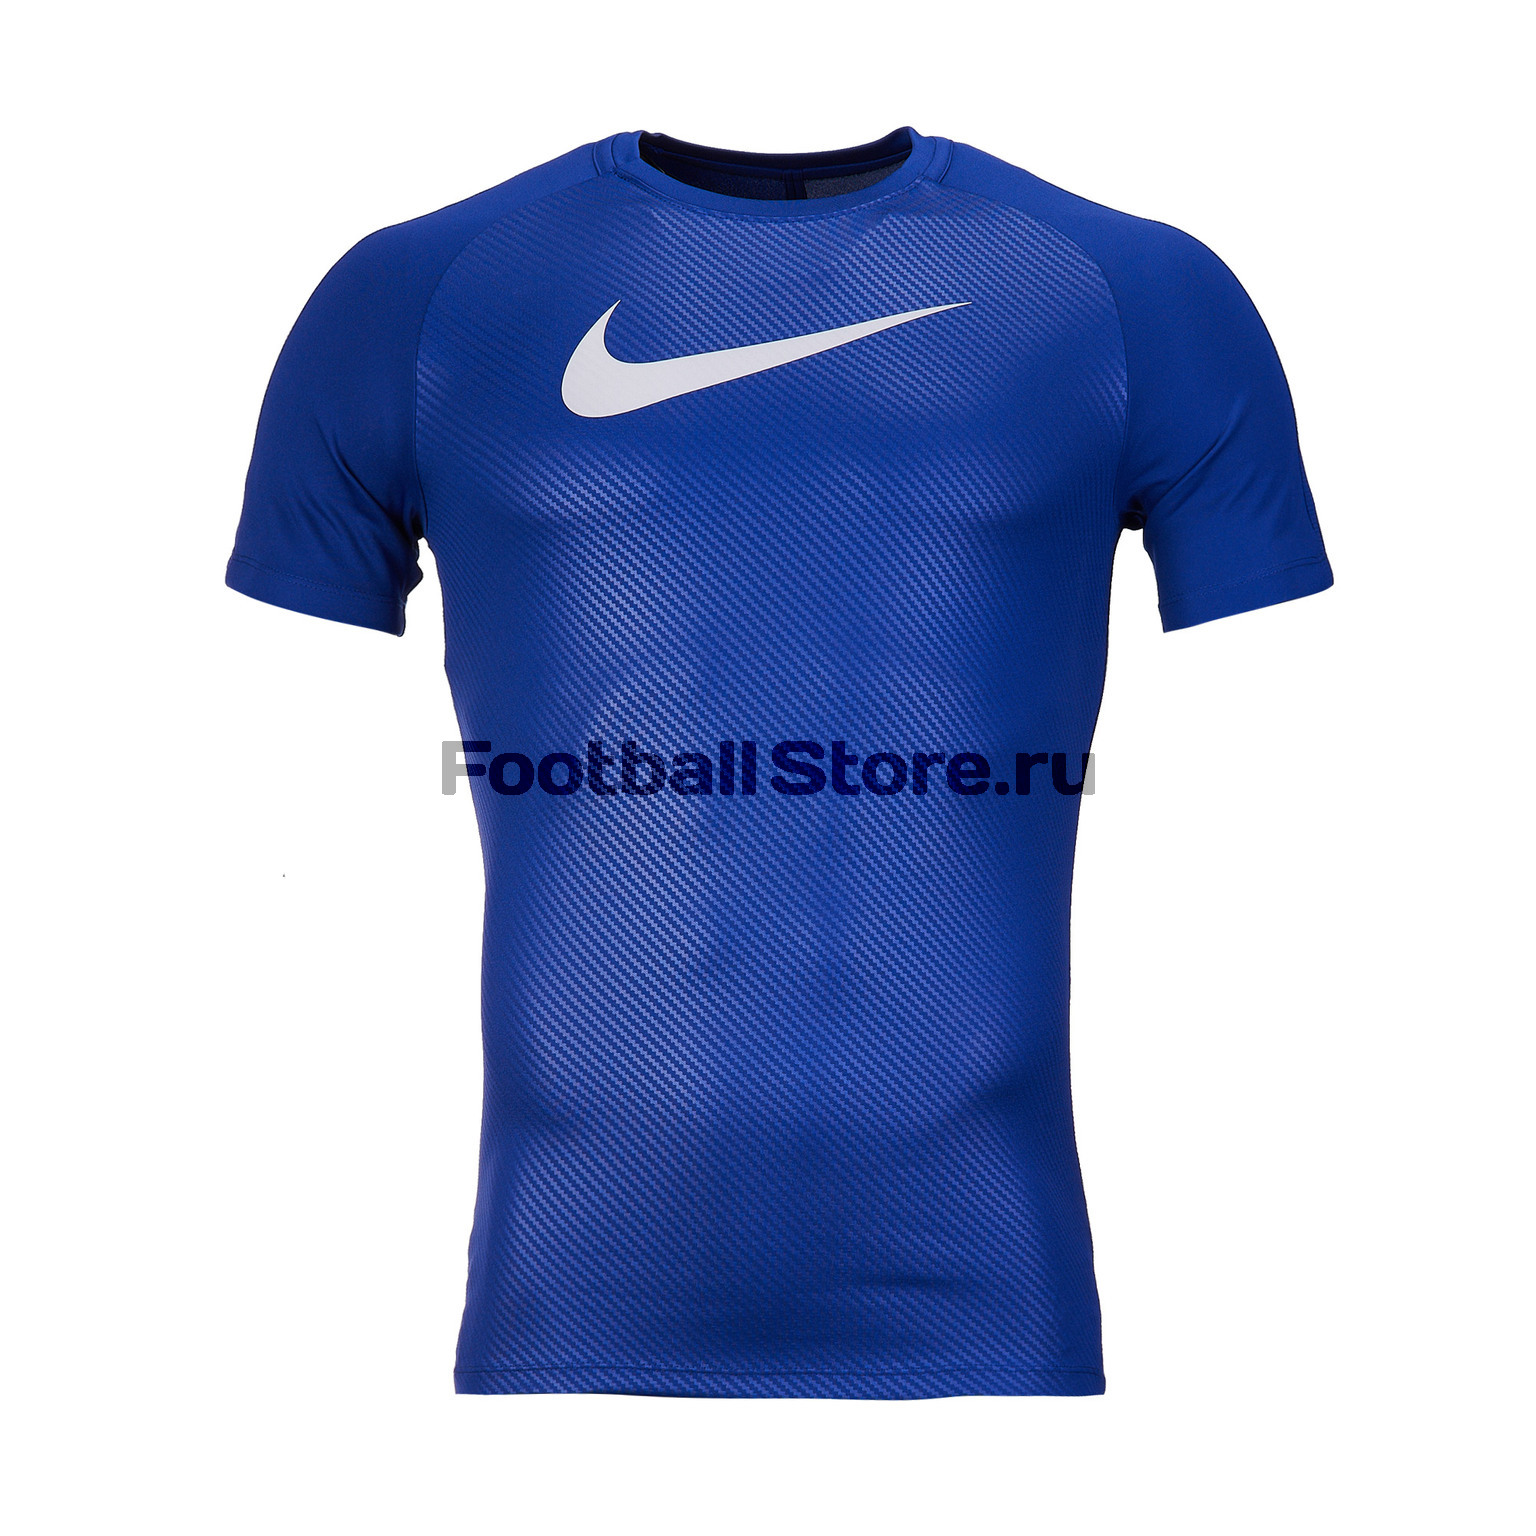 Футболка тренировочная Nike Dry Academy AJ4227-455 футболка тренировочная nike academy ss top jr 726008 451